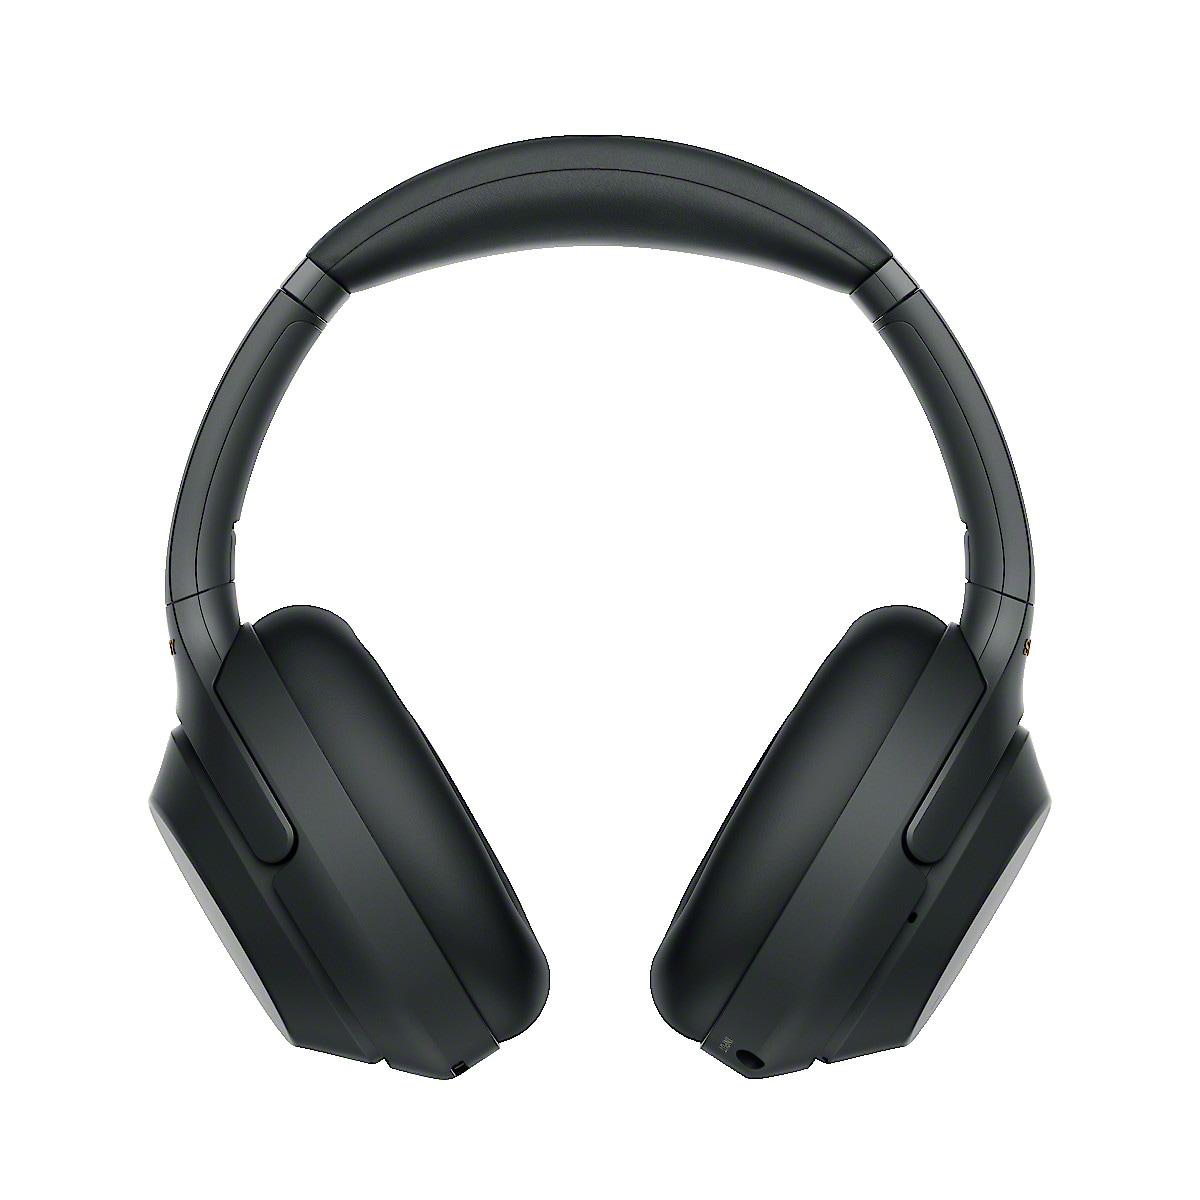 Trådlösa brusreducerande hörlurar Sony WH-1000XM3